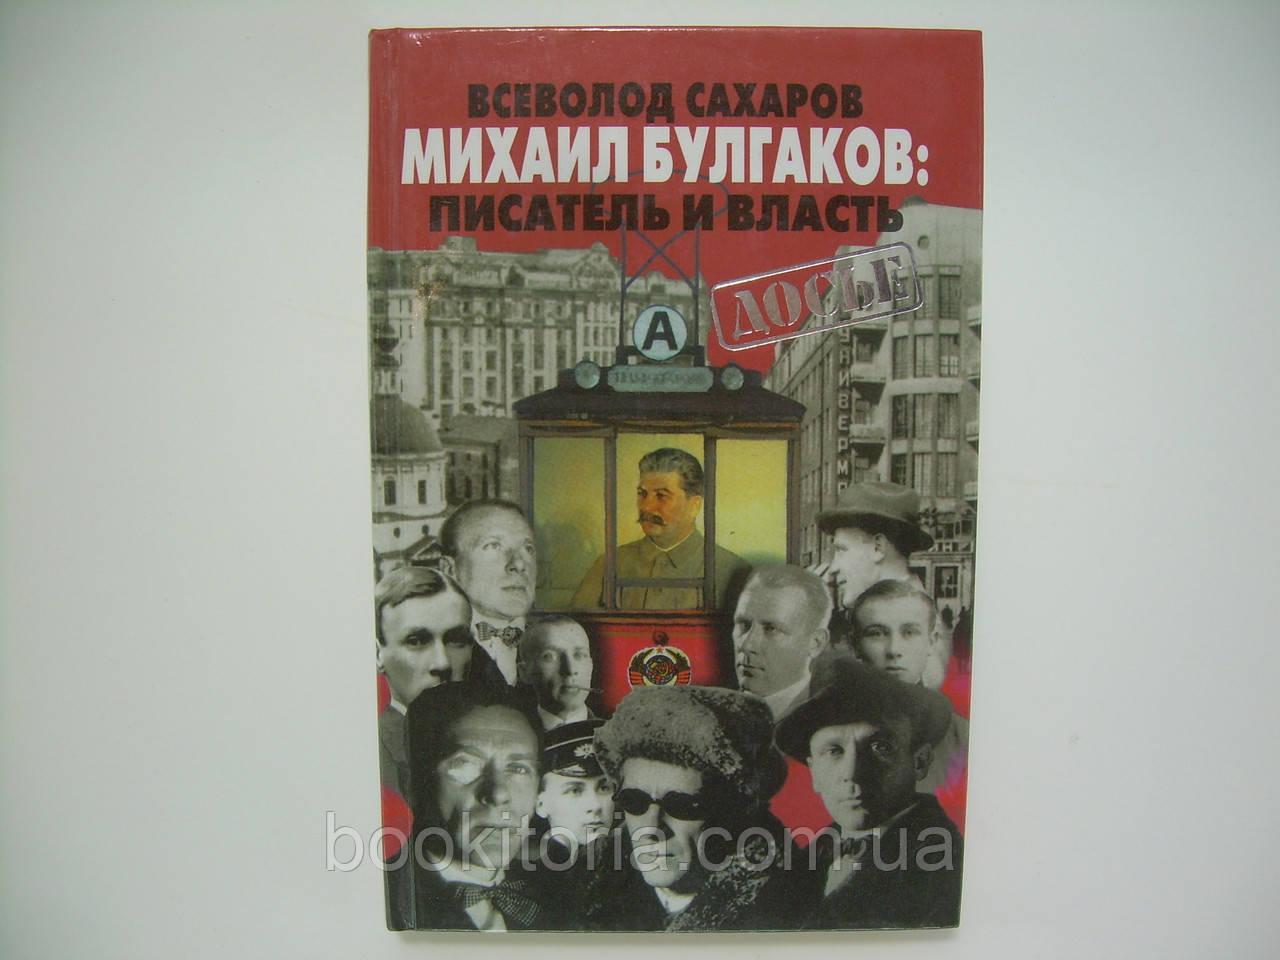 Сахаров В. Михаил Булгаков: писатель и власть (б/у).